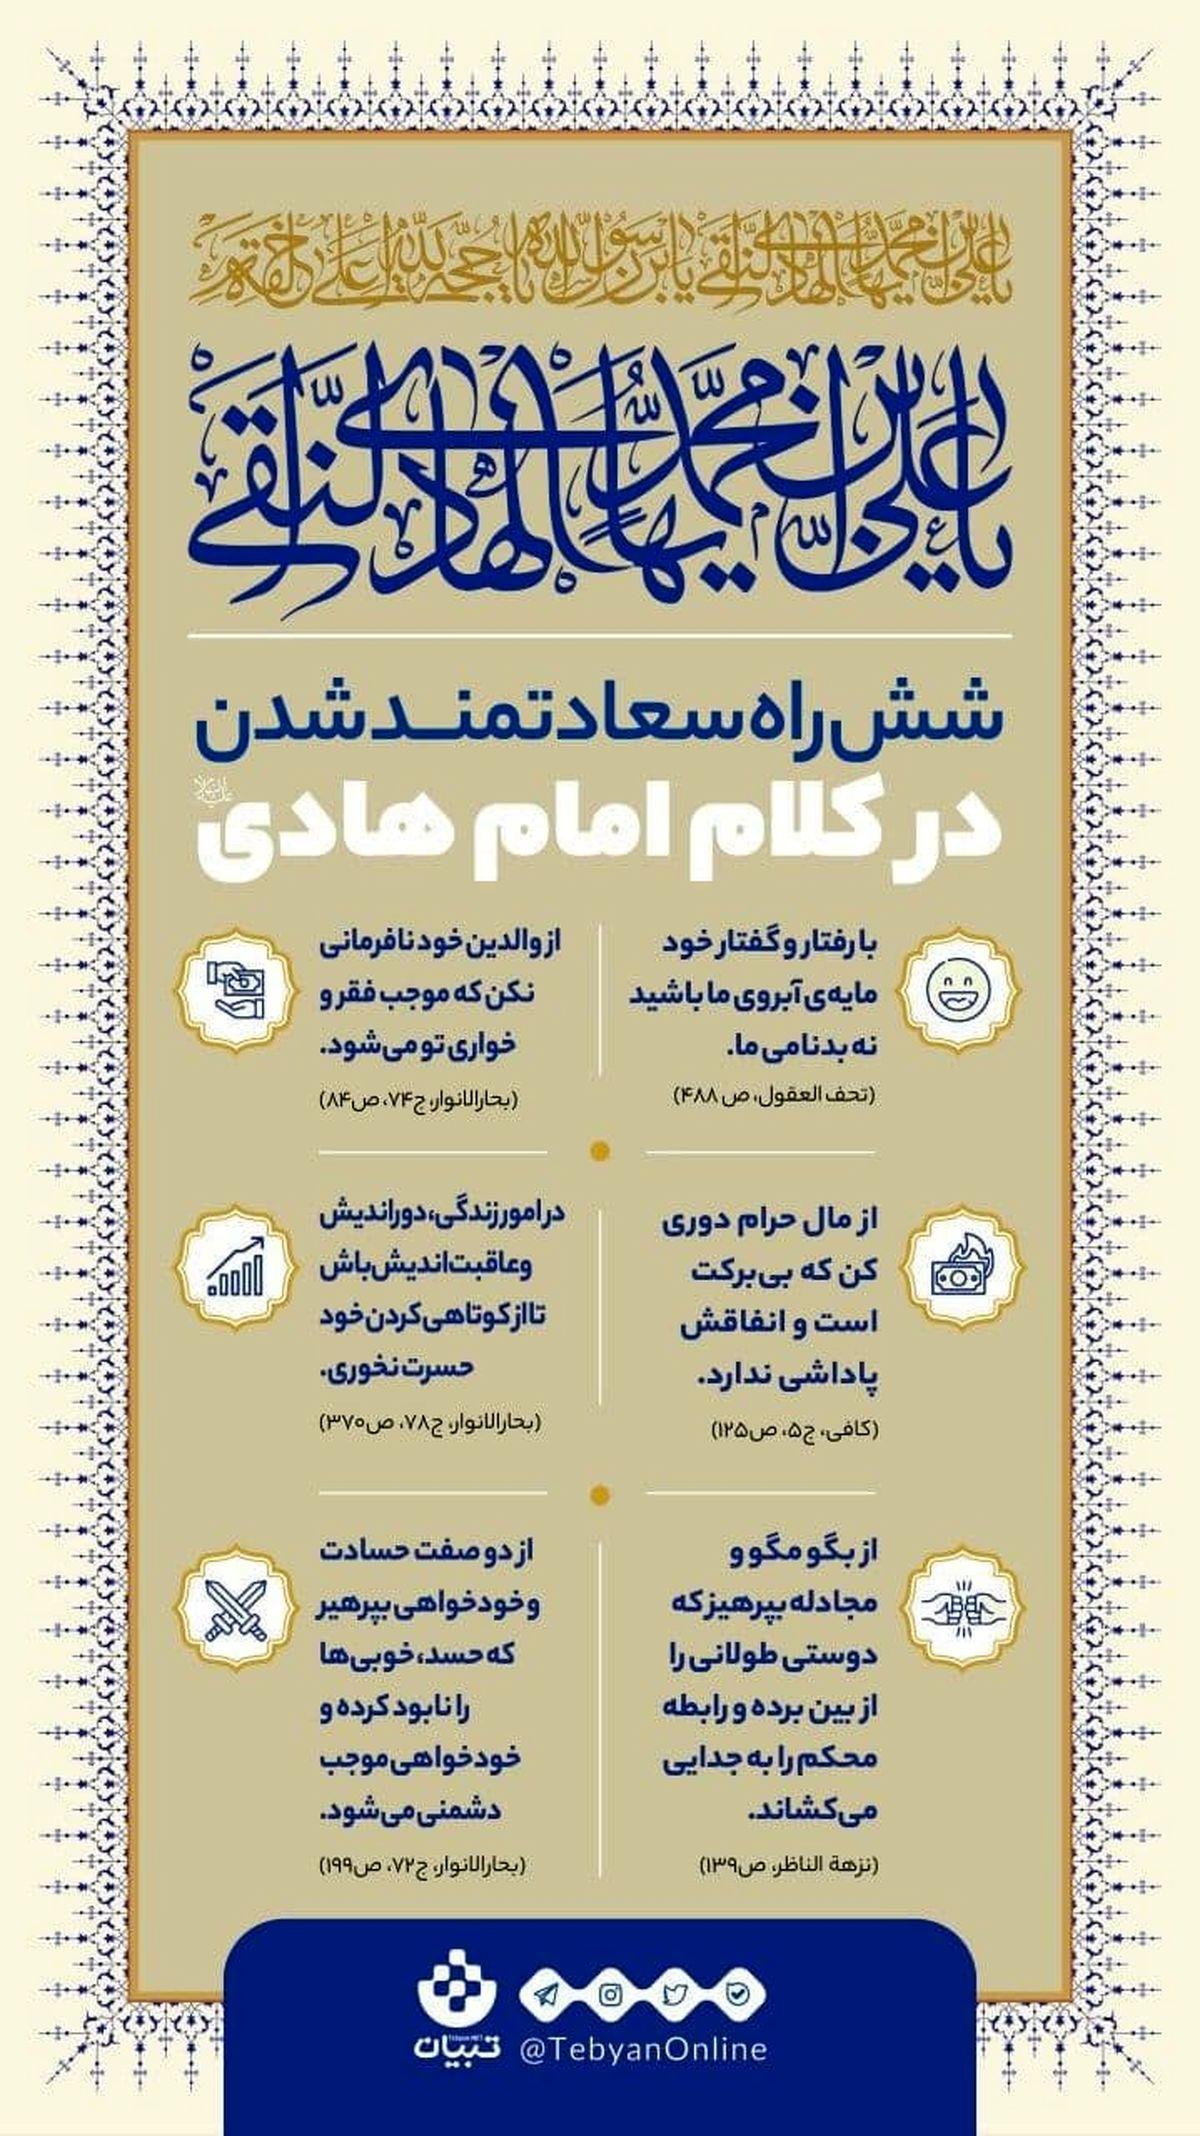 زندگی سعادتمندانه در کلام امام هادی علیه السلام+اینفوگرافیک